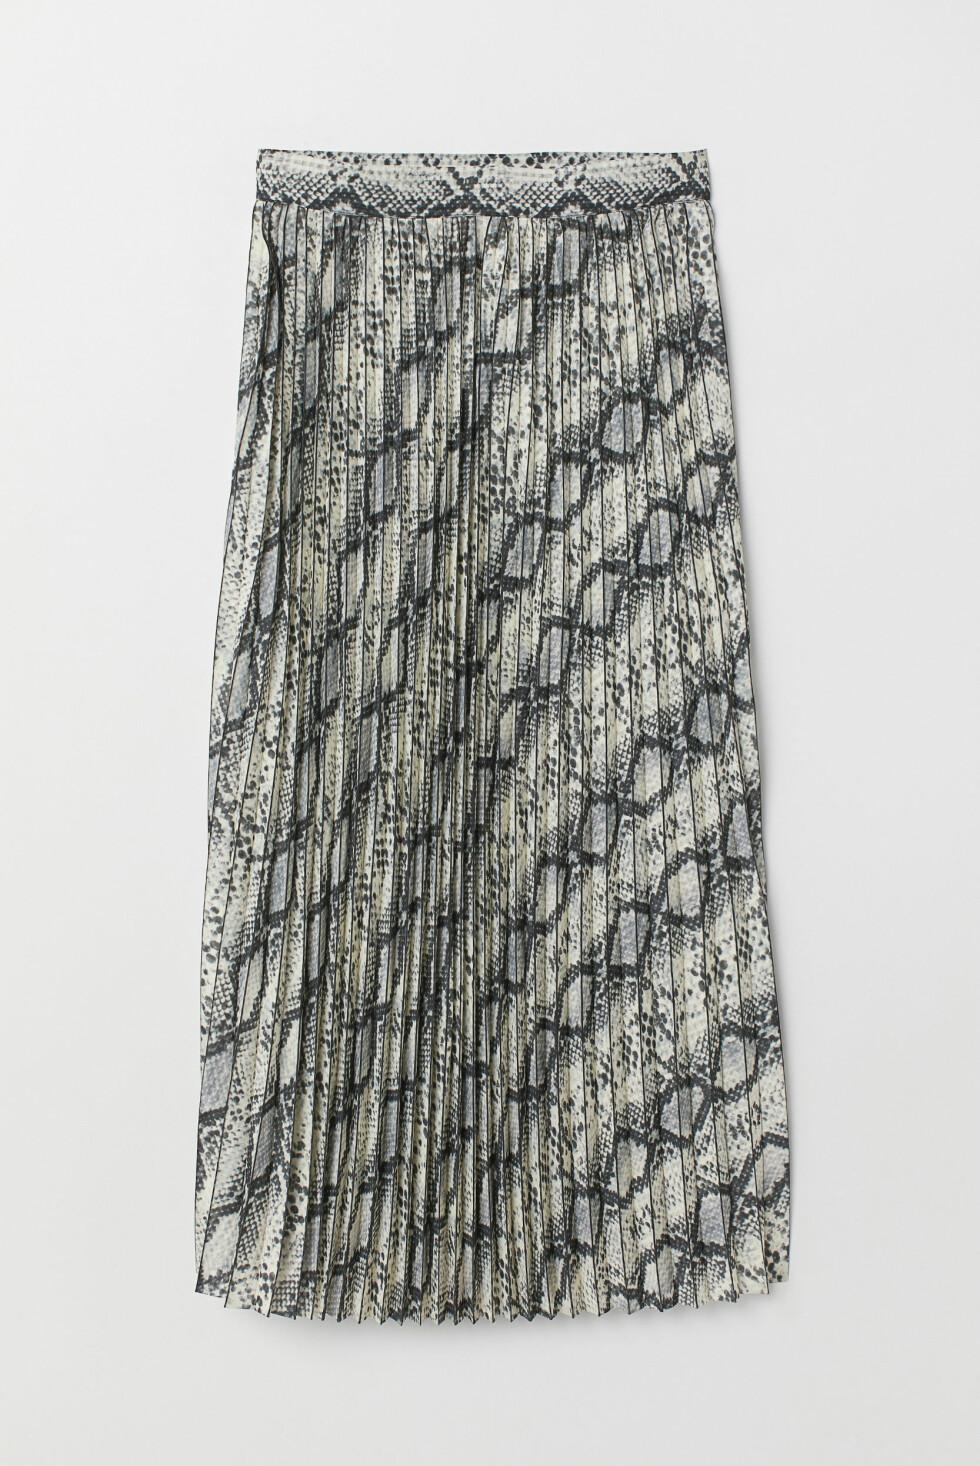 H&M, kr 500